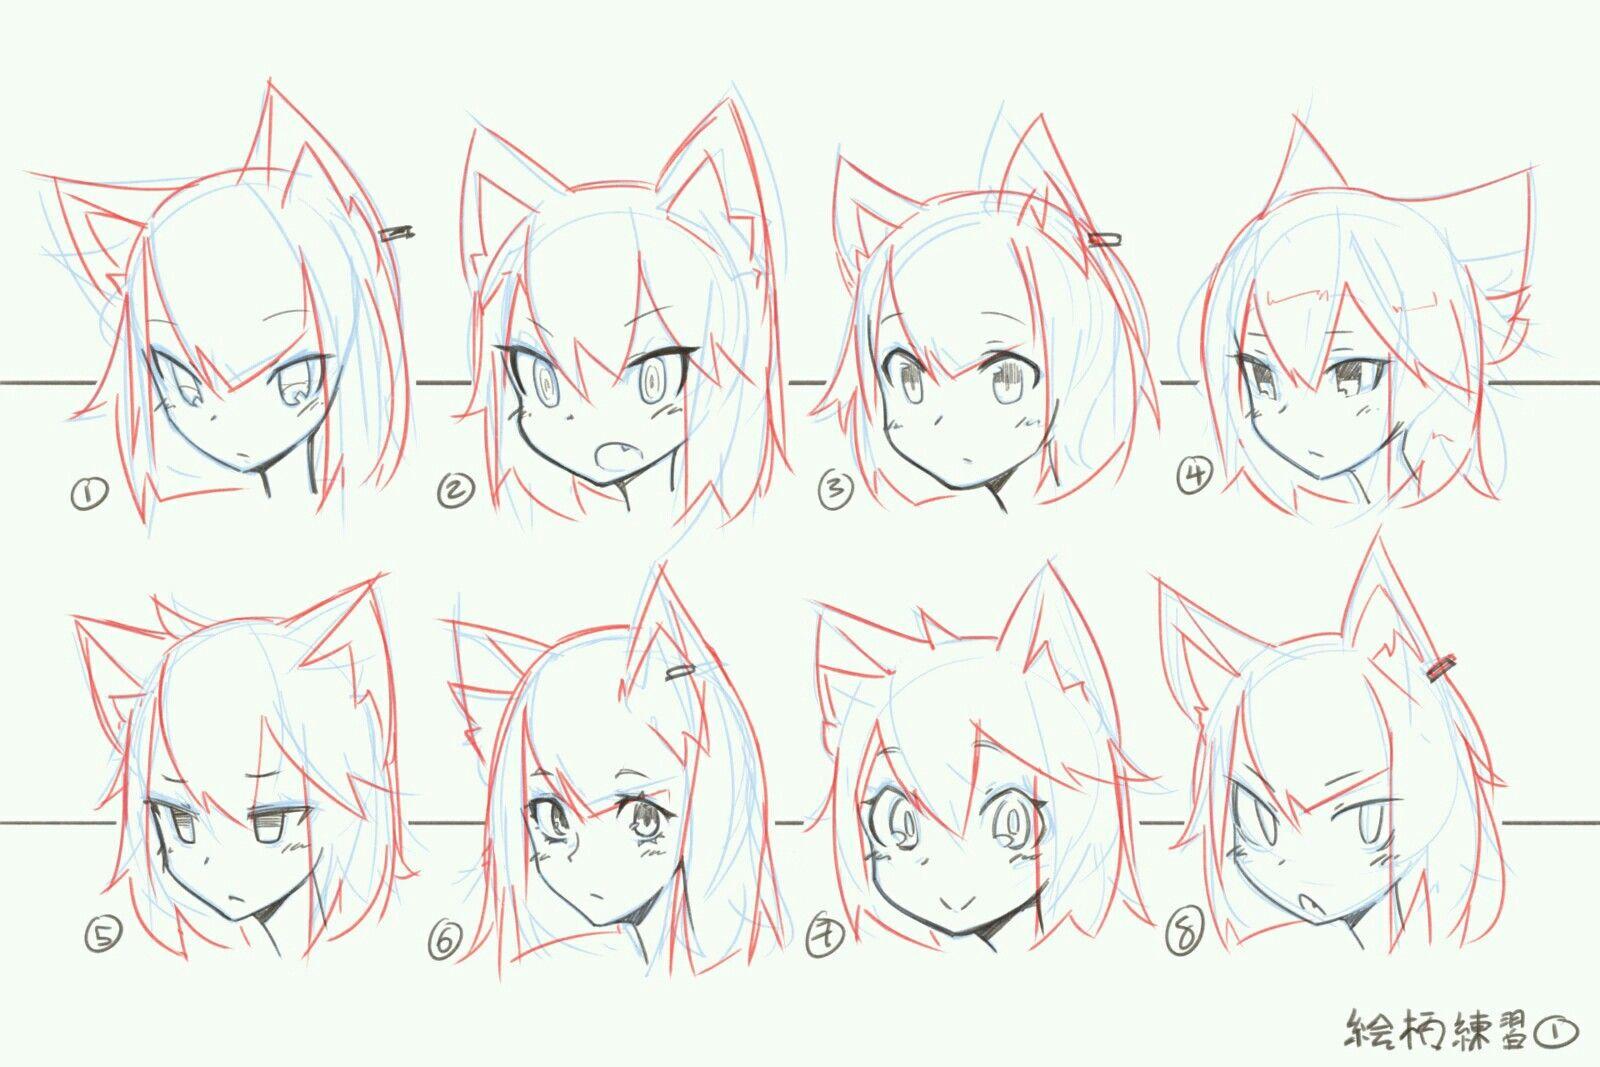 Pin Von Emmalynn Auf Character Design Manga Zeichnen Anime Zeichnen Lernen Chibis Zeichnen